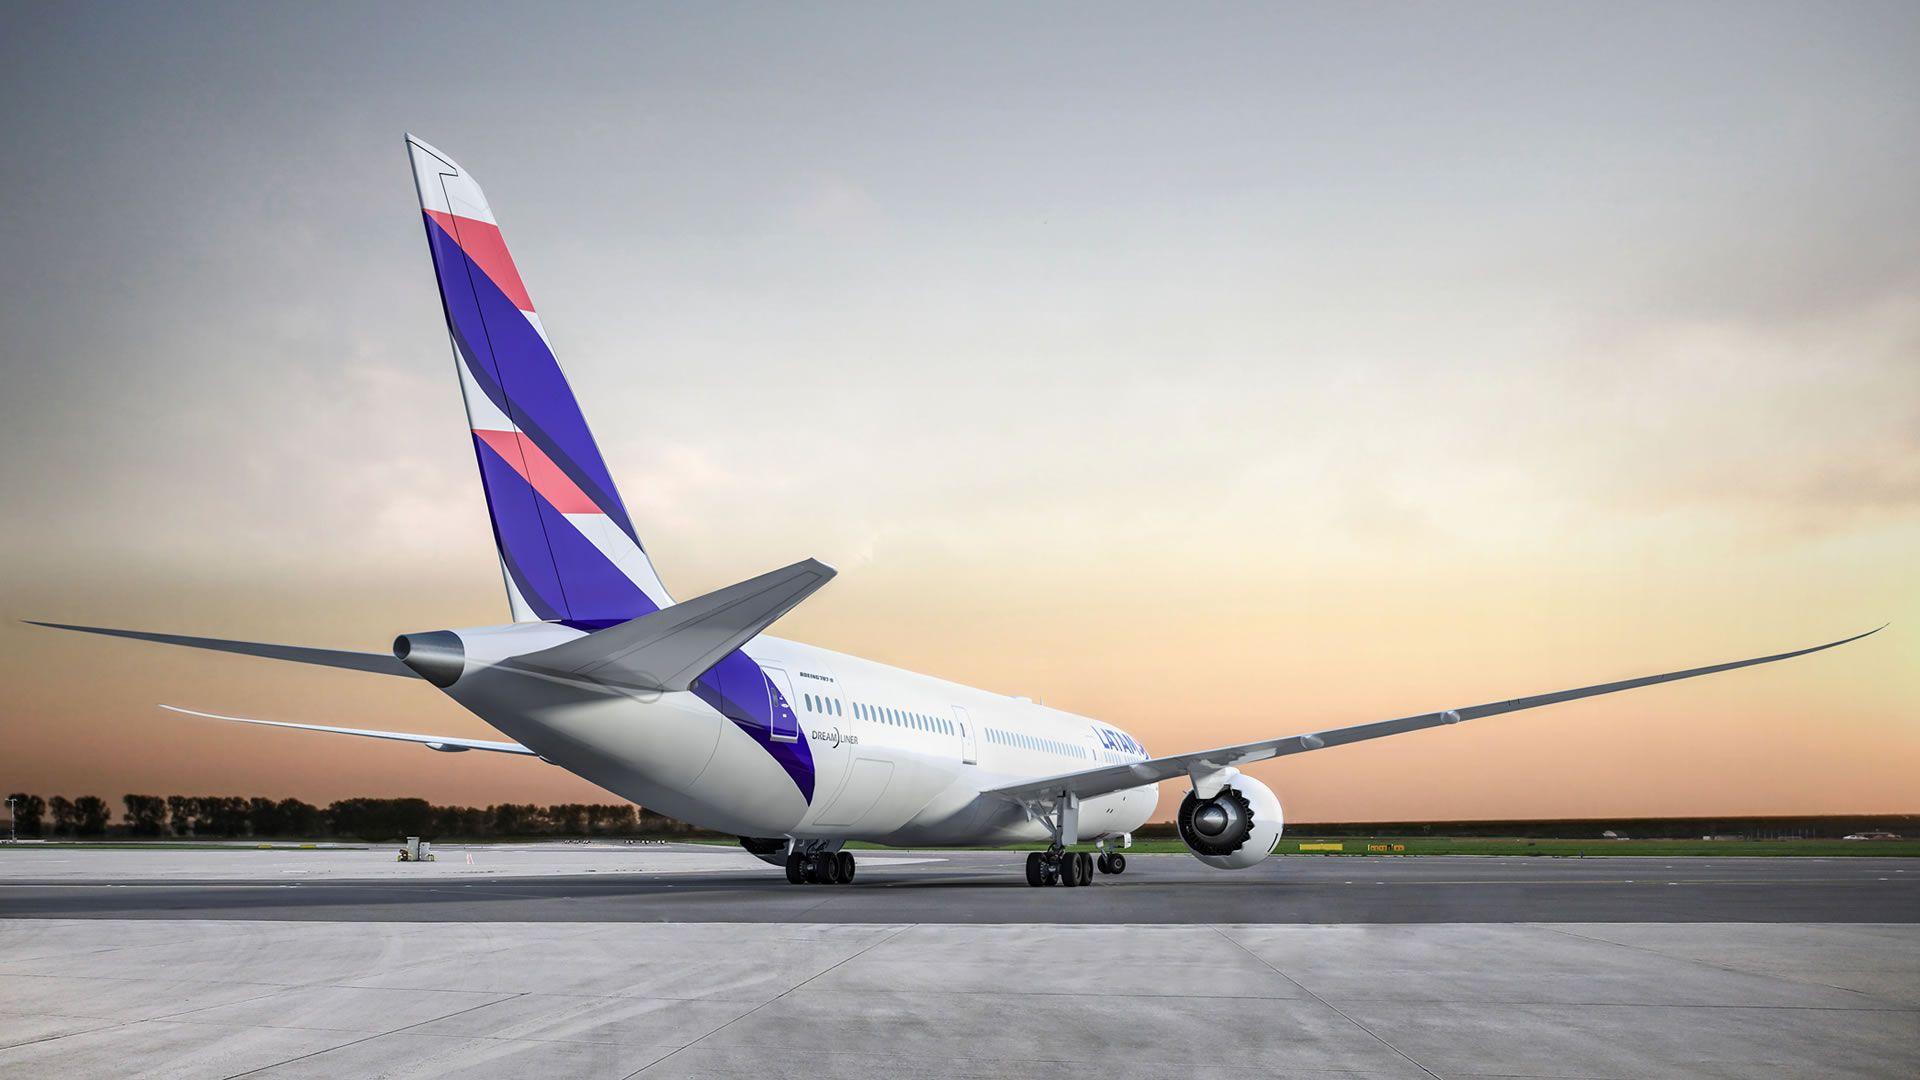 La aerolínea LATAM renueva sus aviones y sumará Wi-Fi a bordo